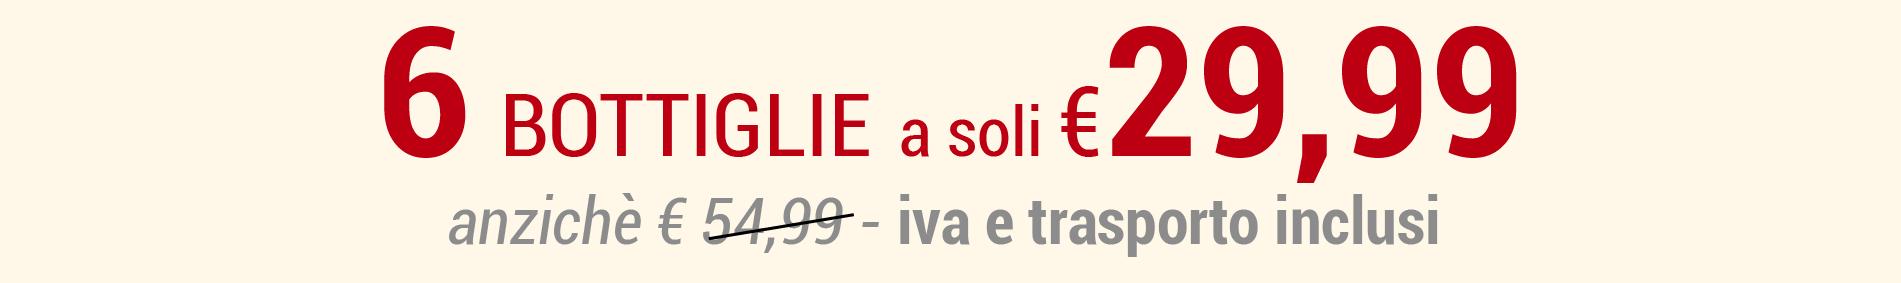 6 bottiglie colderove a soli eur 21,99